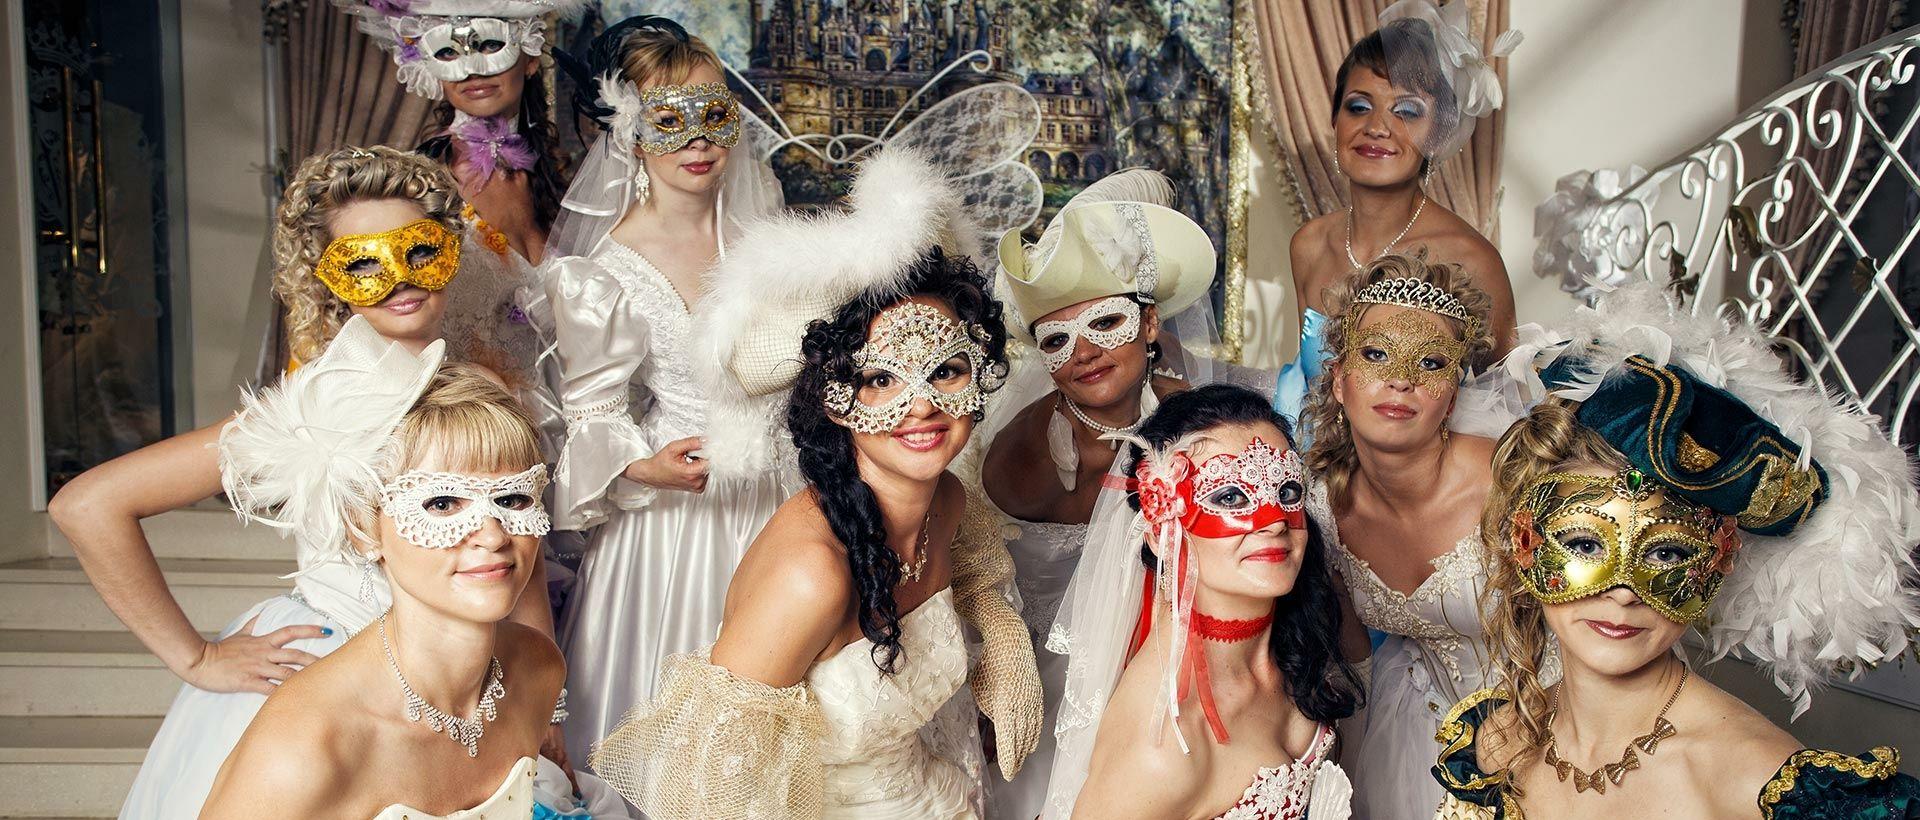 Camping Gran baile de disfraces de Versalles